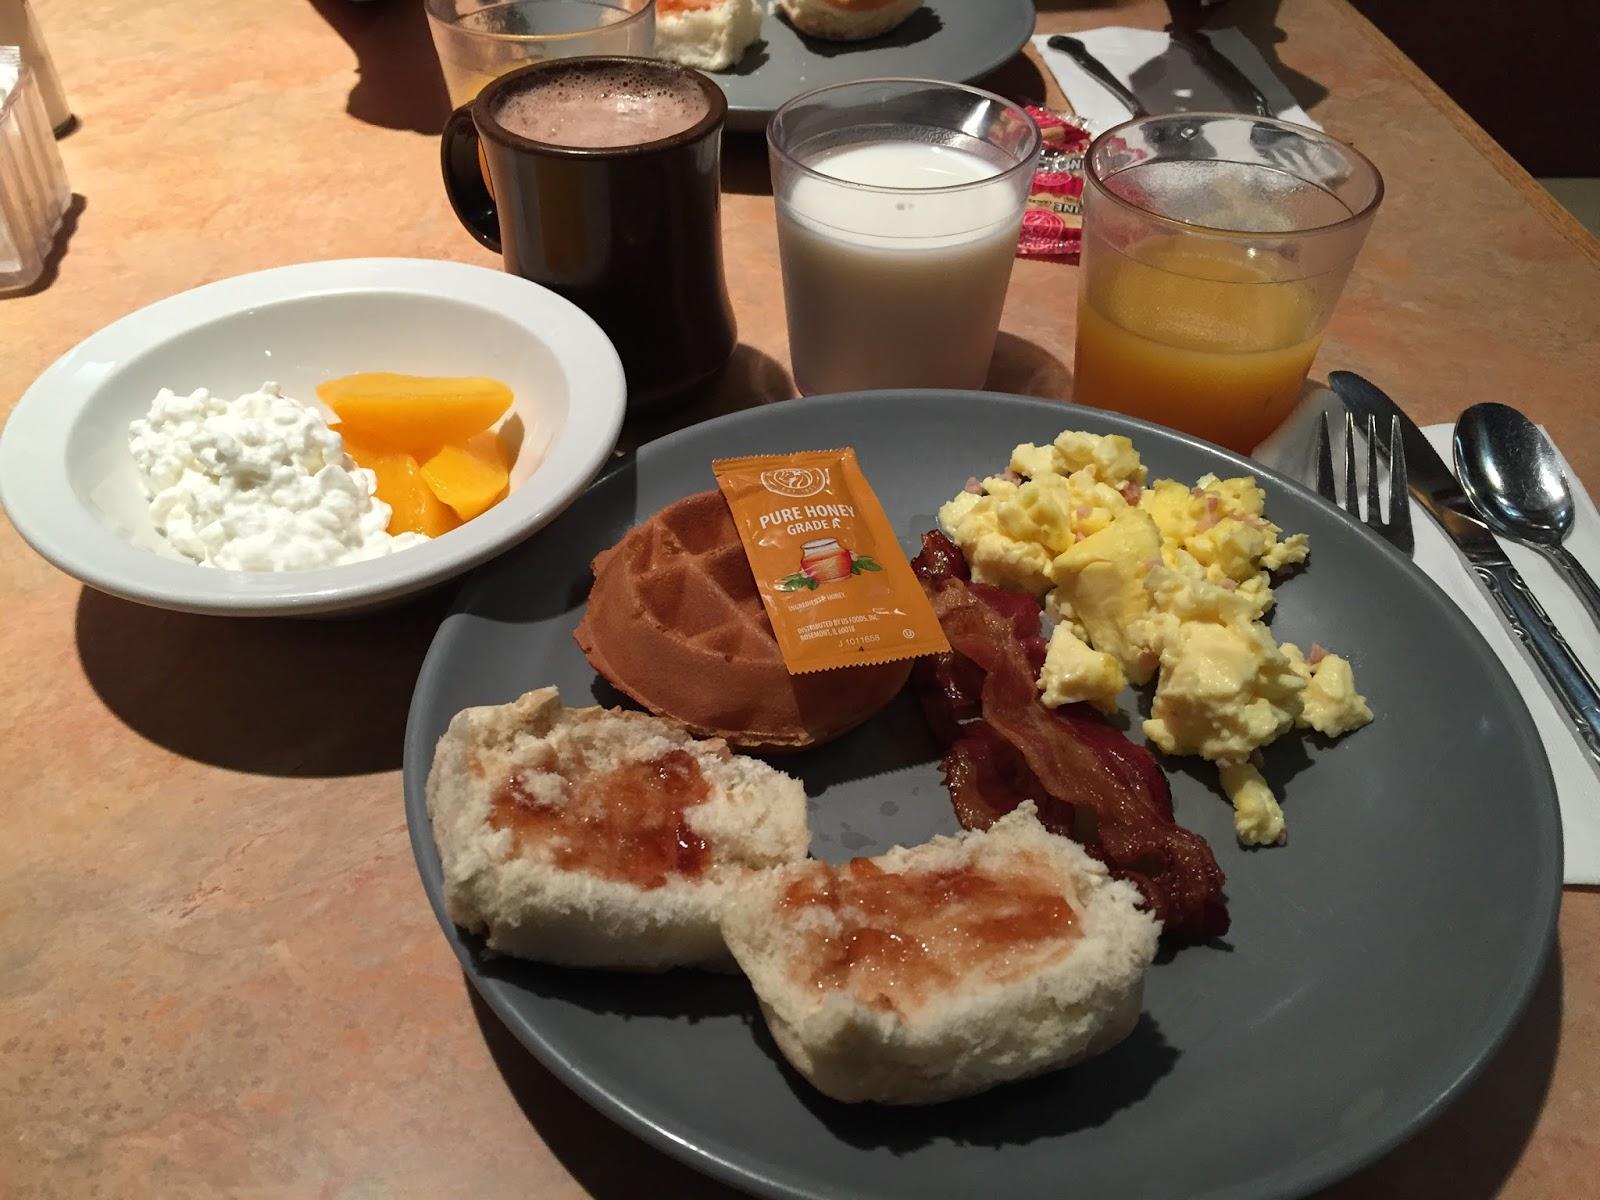 USA états unis amérique vacance transat roadtrip ouest américain lauglhin colorado belle petit dejeuner